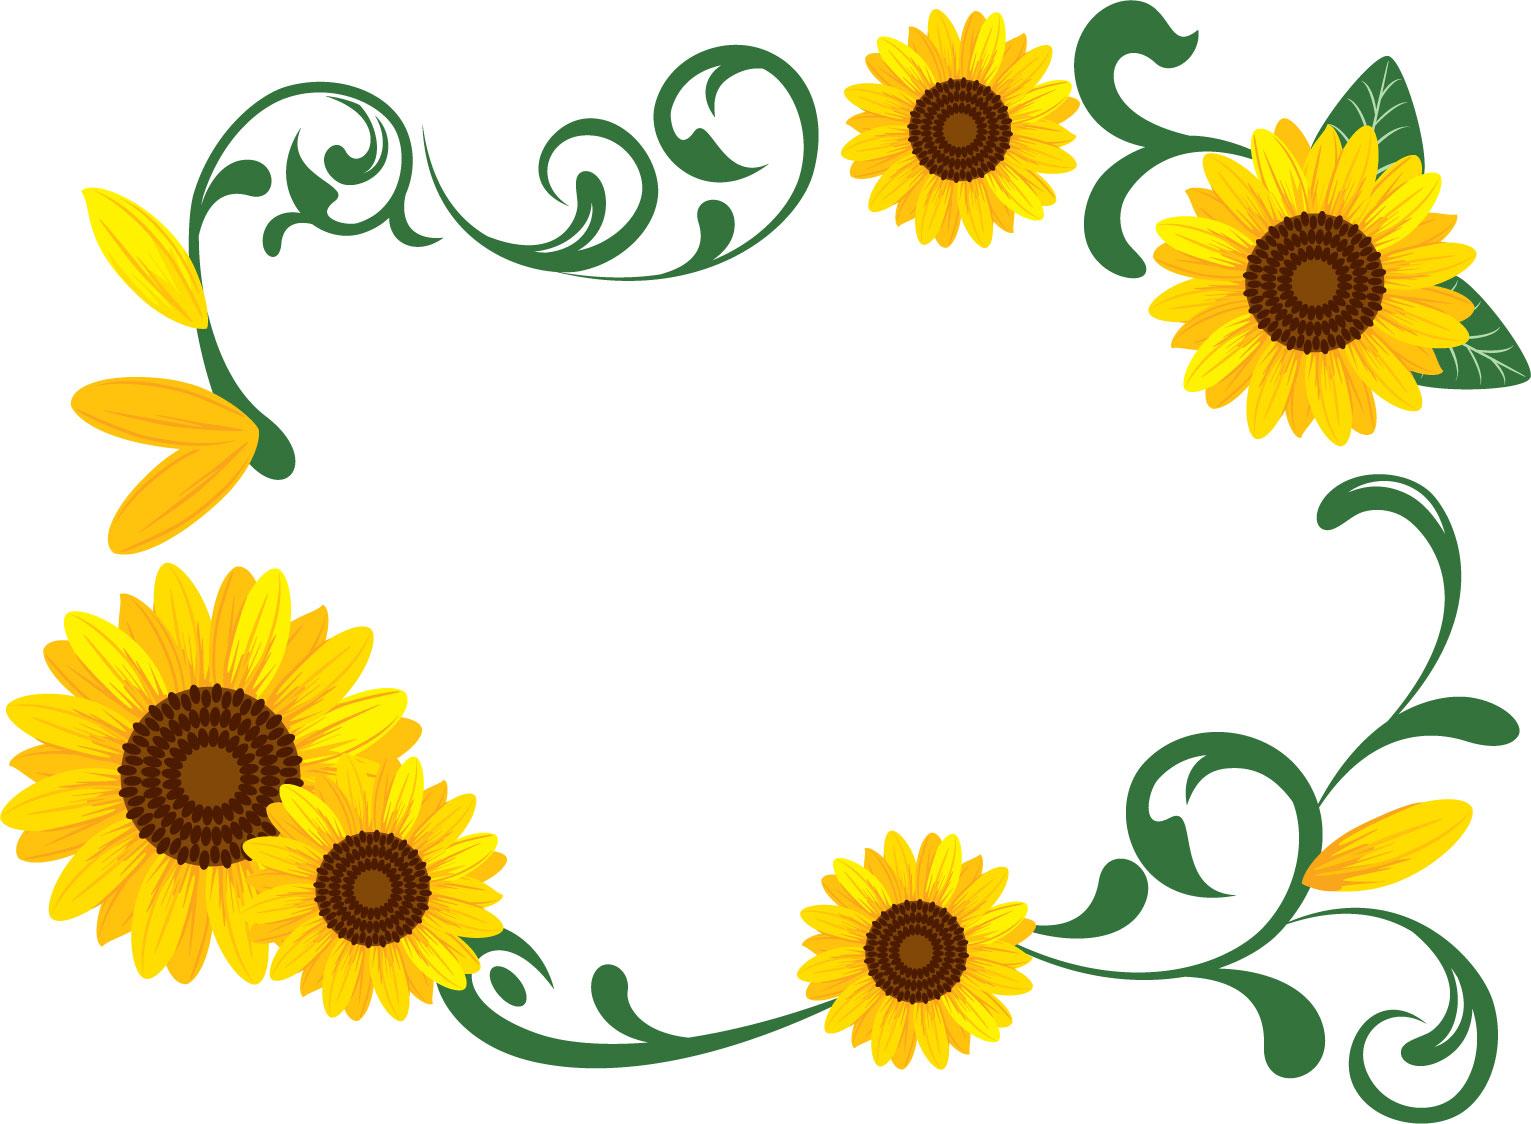 花のイラスト・フリー素材/フレーム枠no.100『ひまわり・茎・つぼみ』